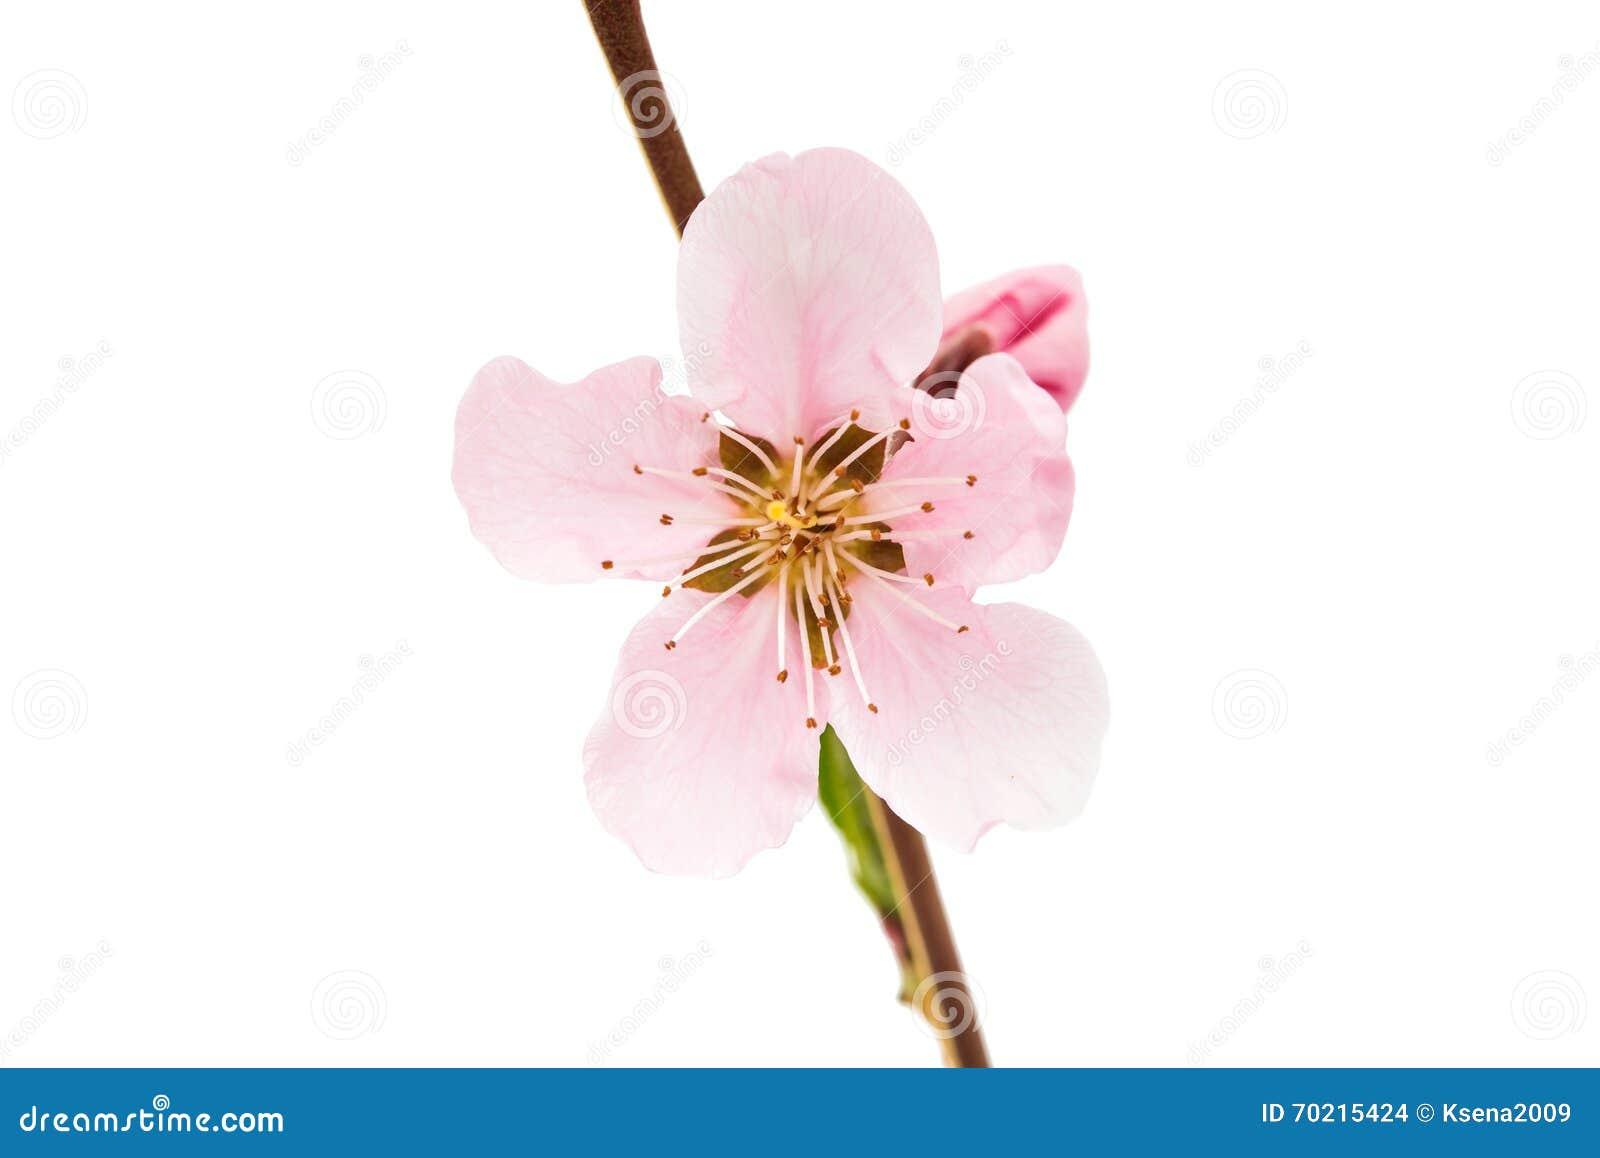 fleur rose de pêche photo stock - image: 70215424